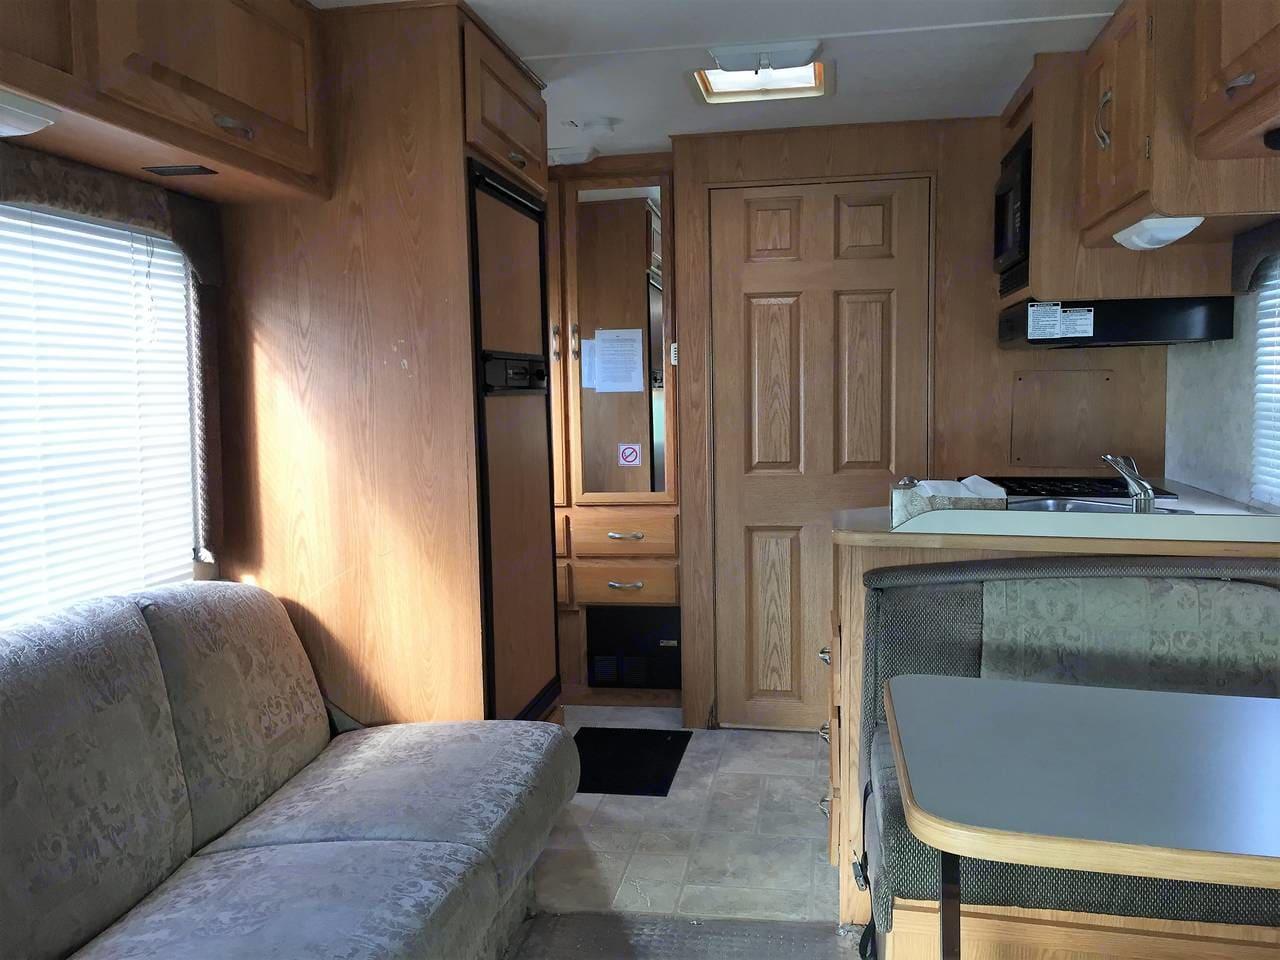 Interior facing Aft . Thor Motor Coach Four Winds Five Thousand 2004